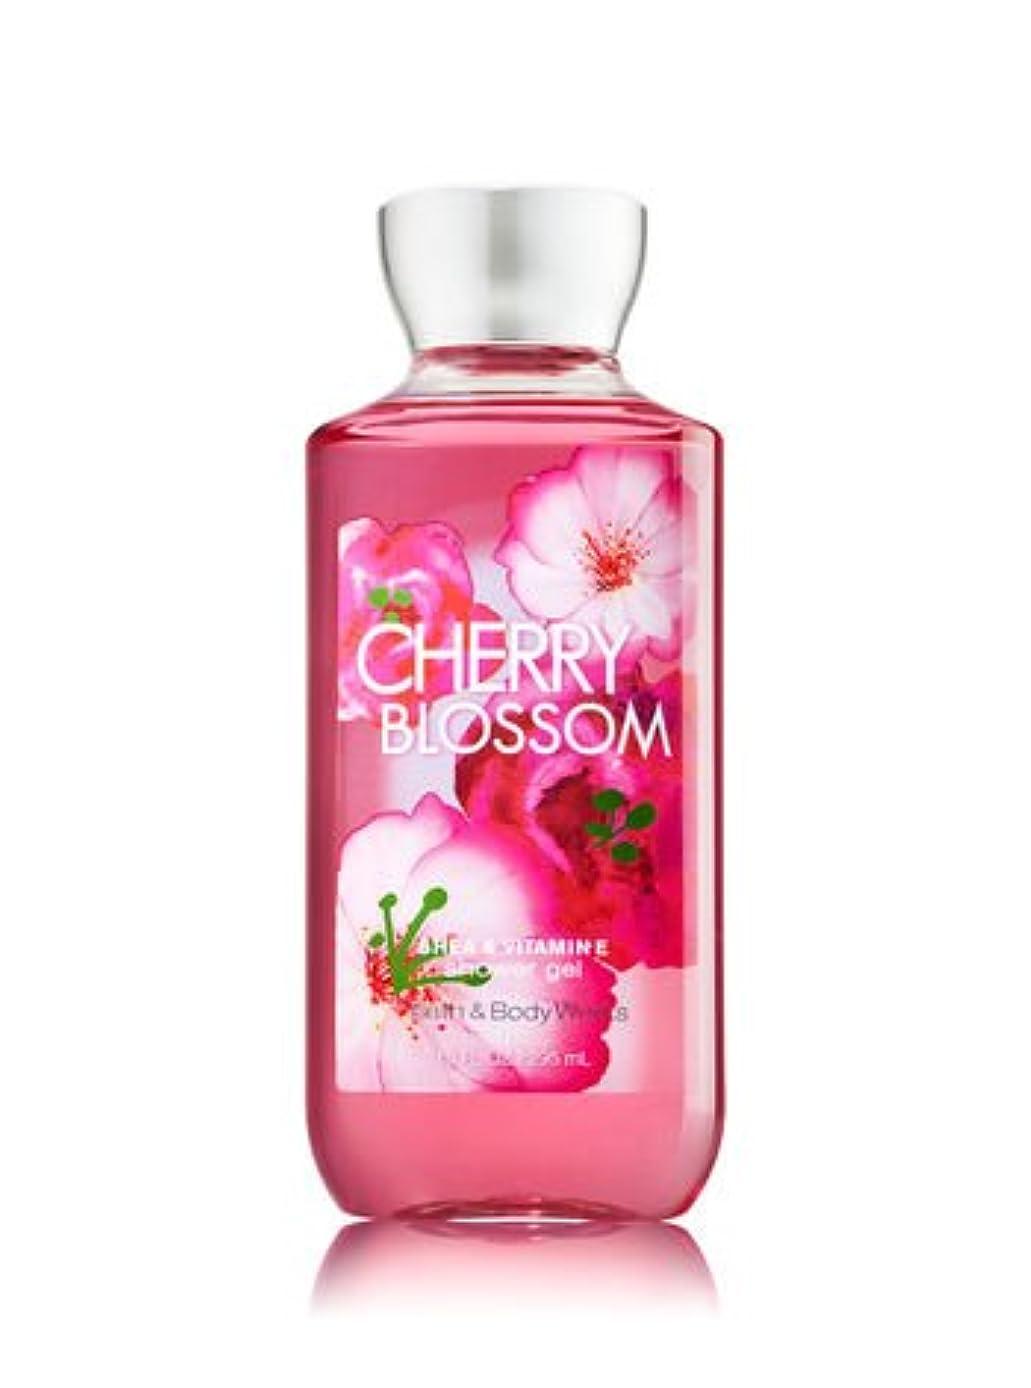 血統溝塩【Bath&Body Works/バス&ボディワークス】 シャワージェル チェリーブロッサム Shower Gel Cherry Blossom 10 fl oz / 295 mL [並行輸入品]